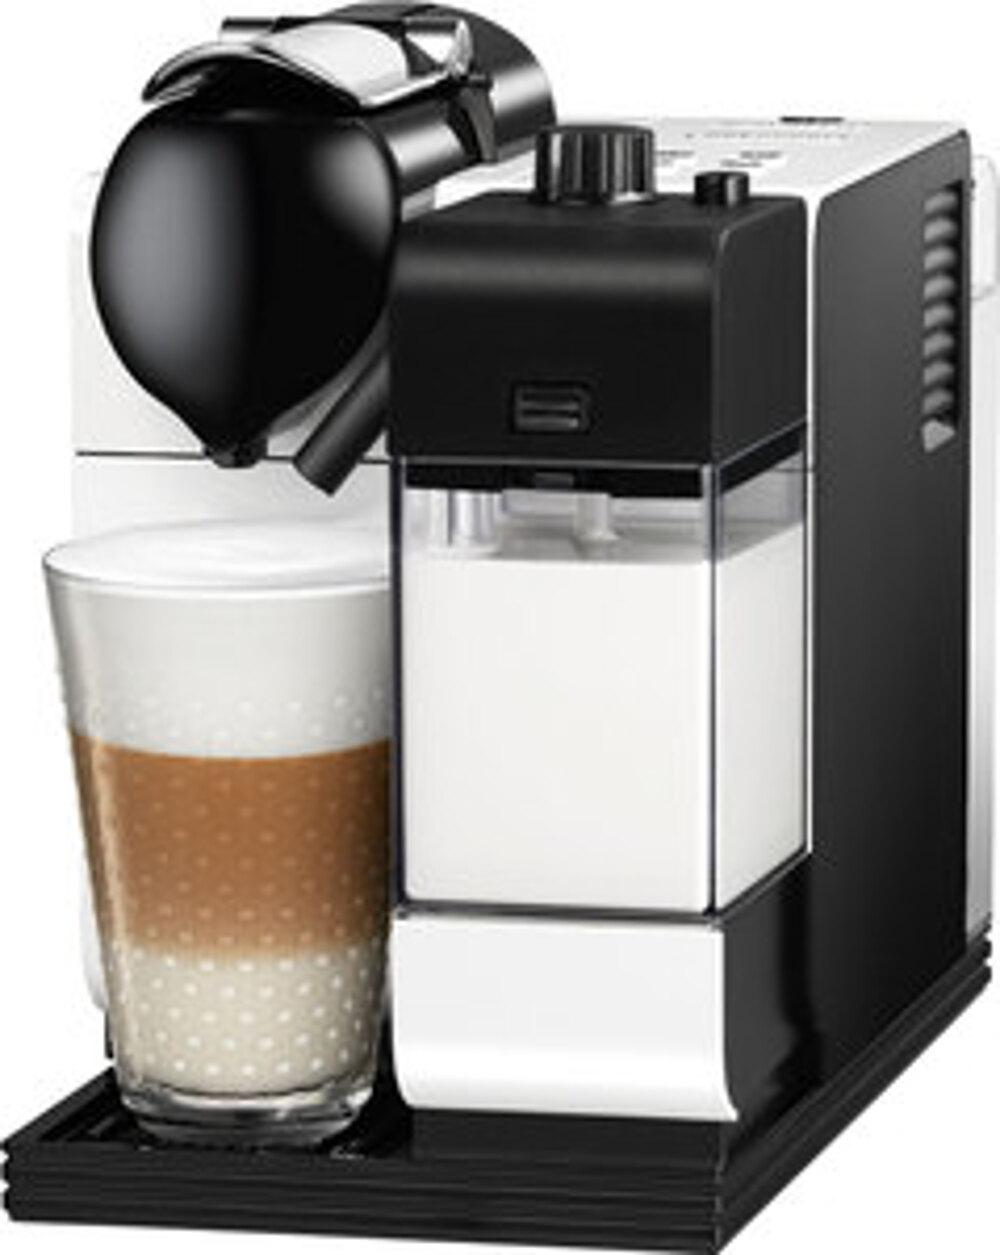 Bedste Nespresso-maskine til prisen